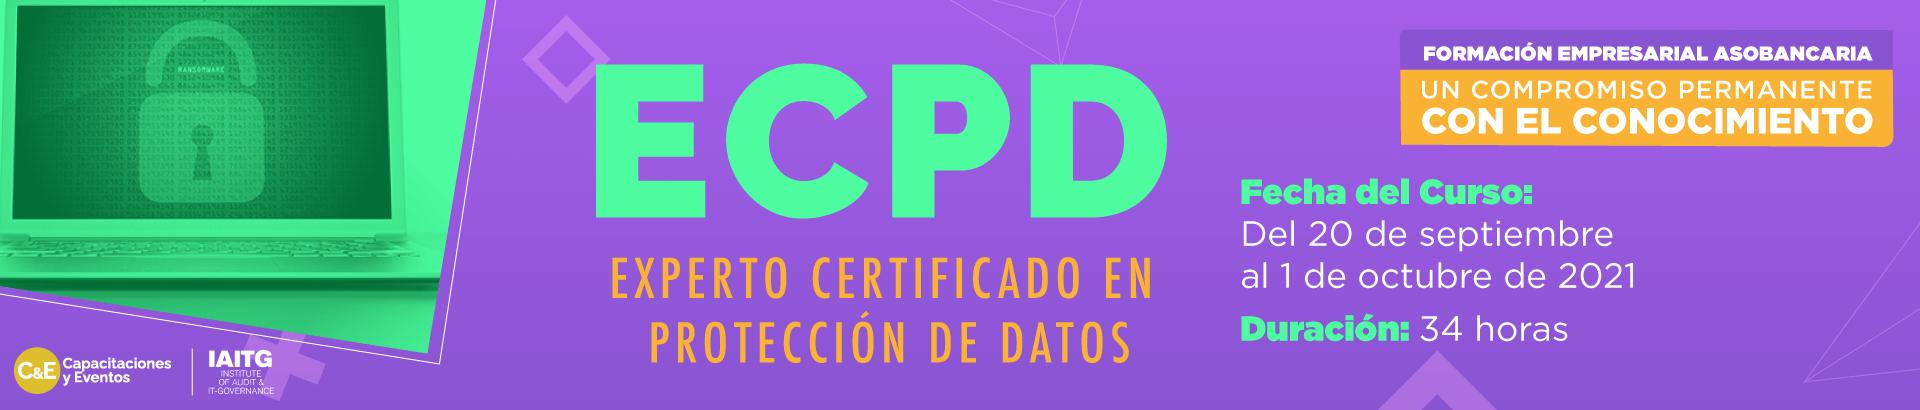 capacitacion experto certificado en proteccion de datos - asobancaria